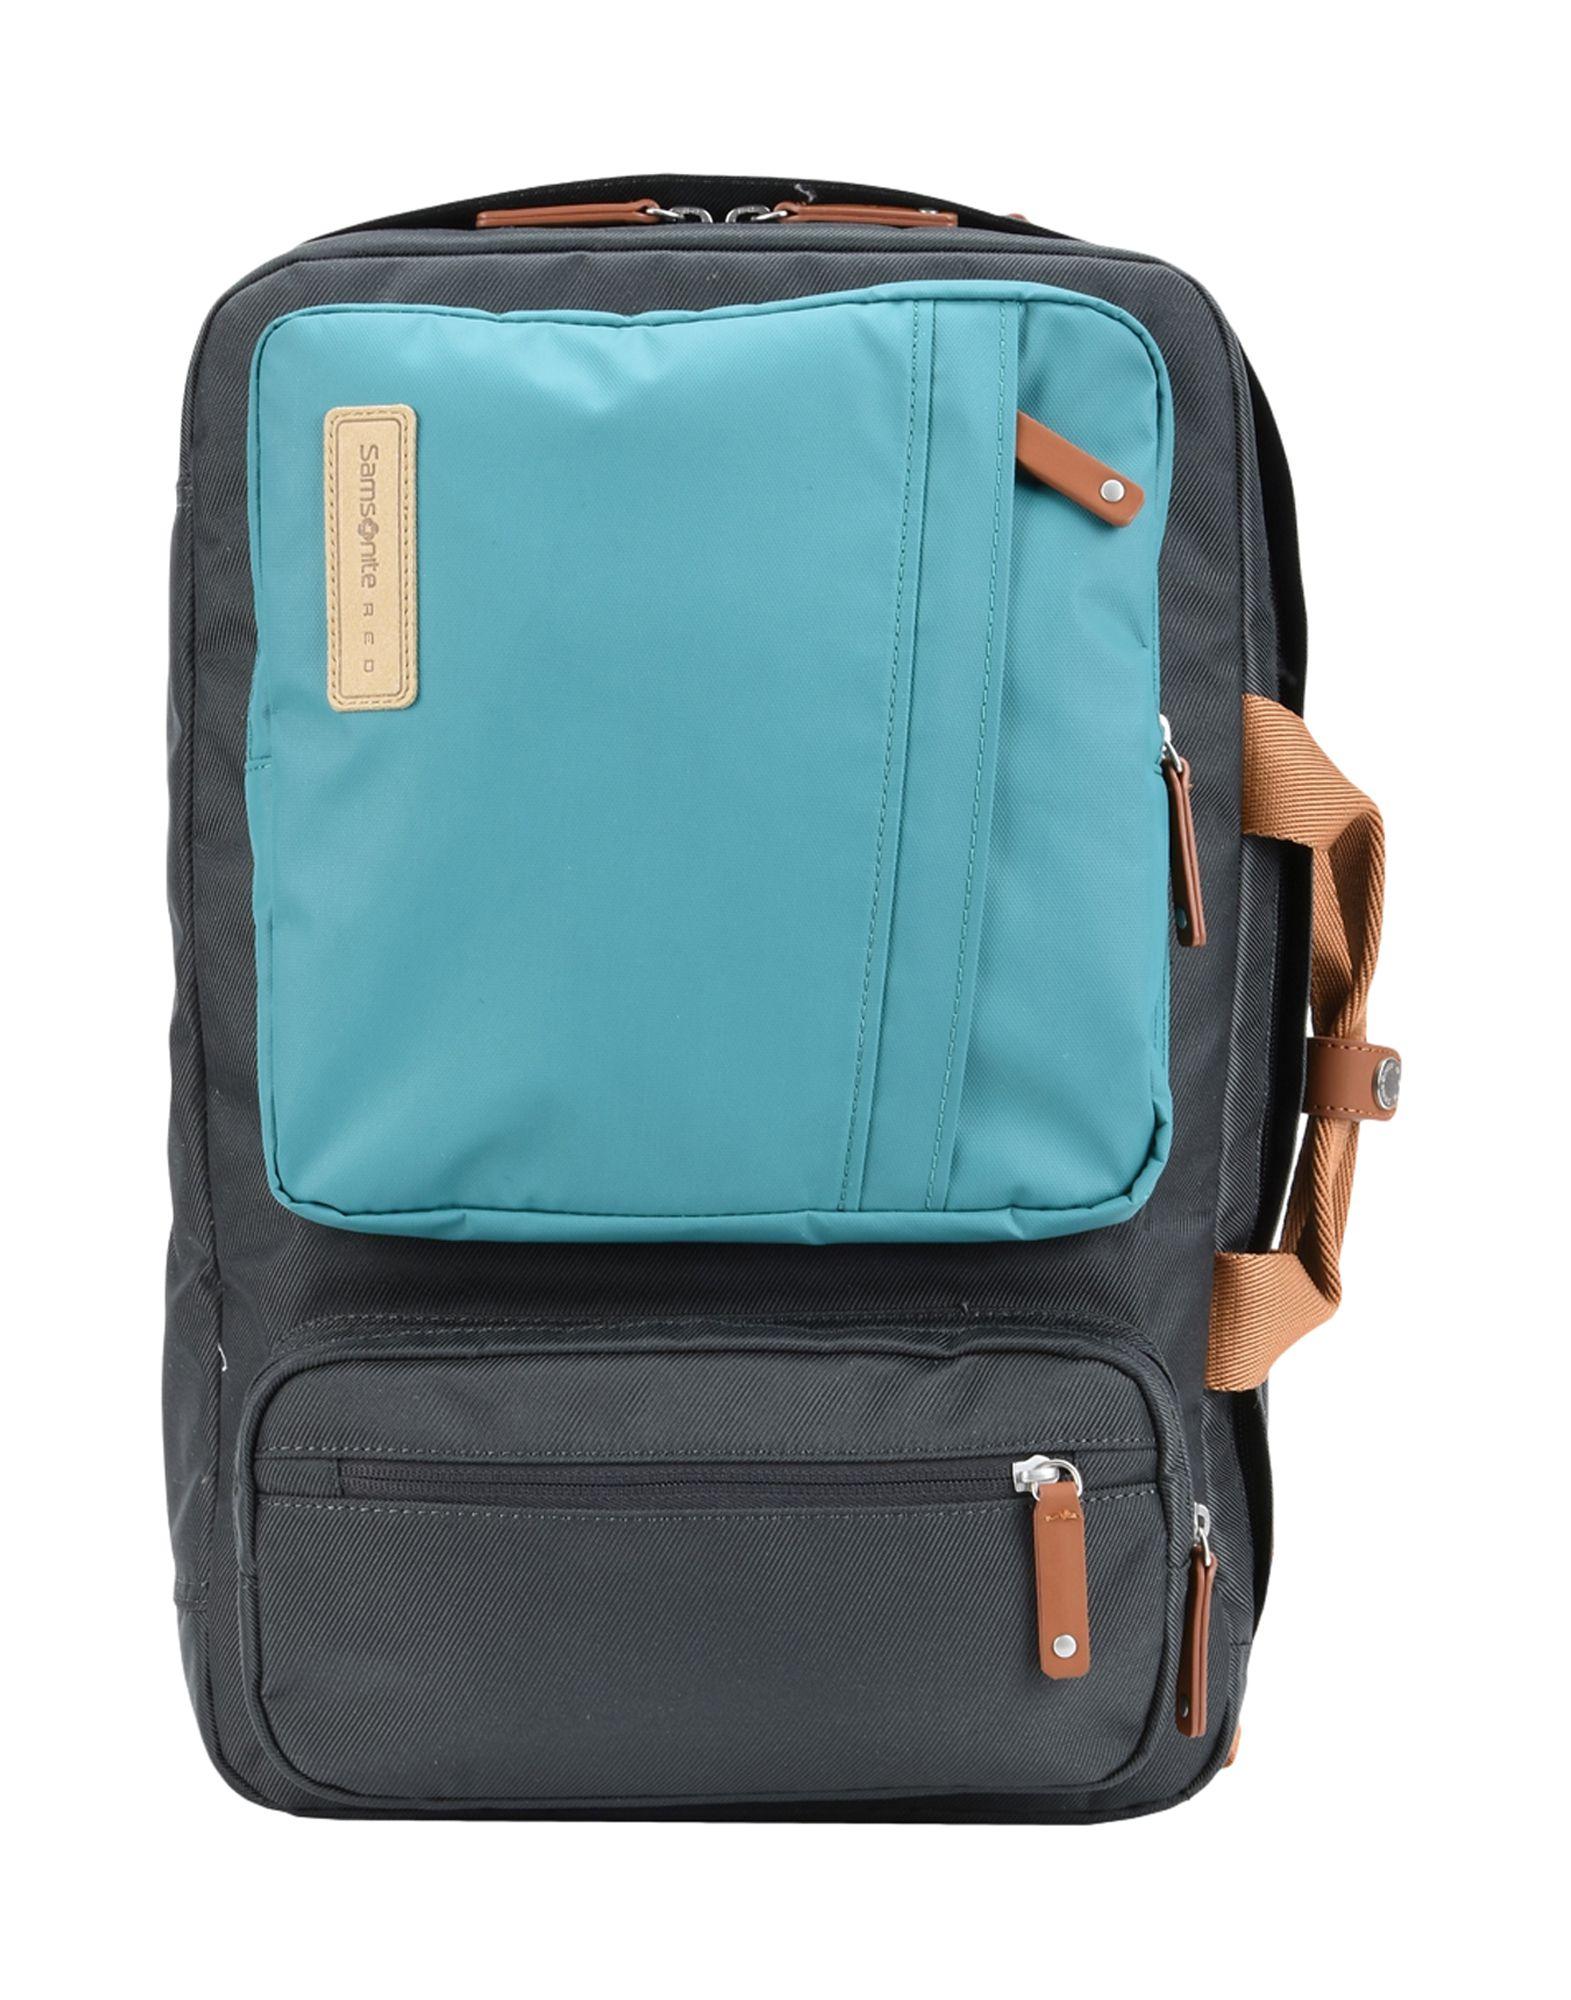 Zaini & Marsupi Samsonite Red Easy Way 2 Backpack - Uomo - Acquista online su